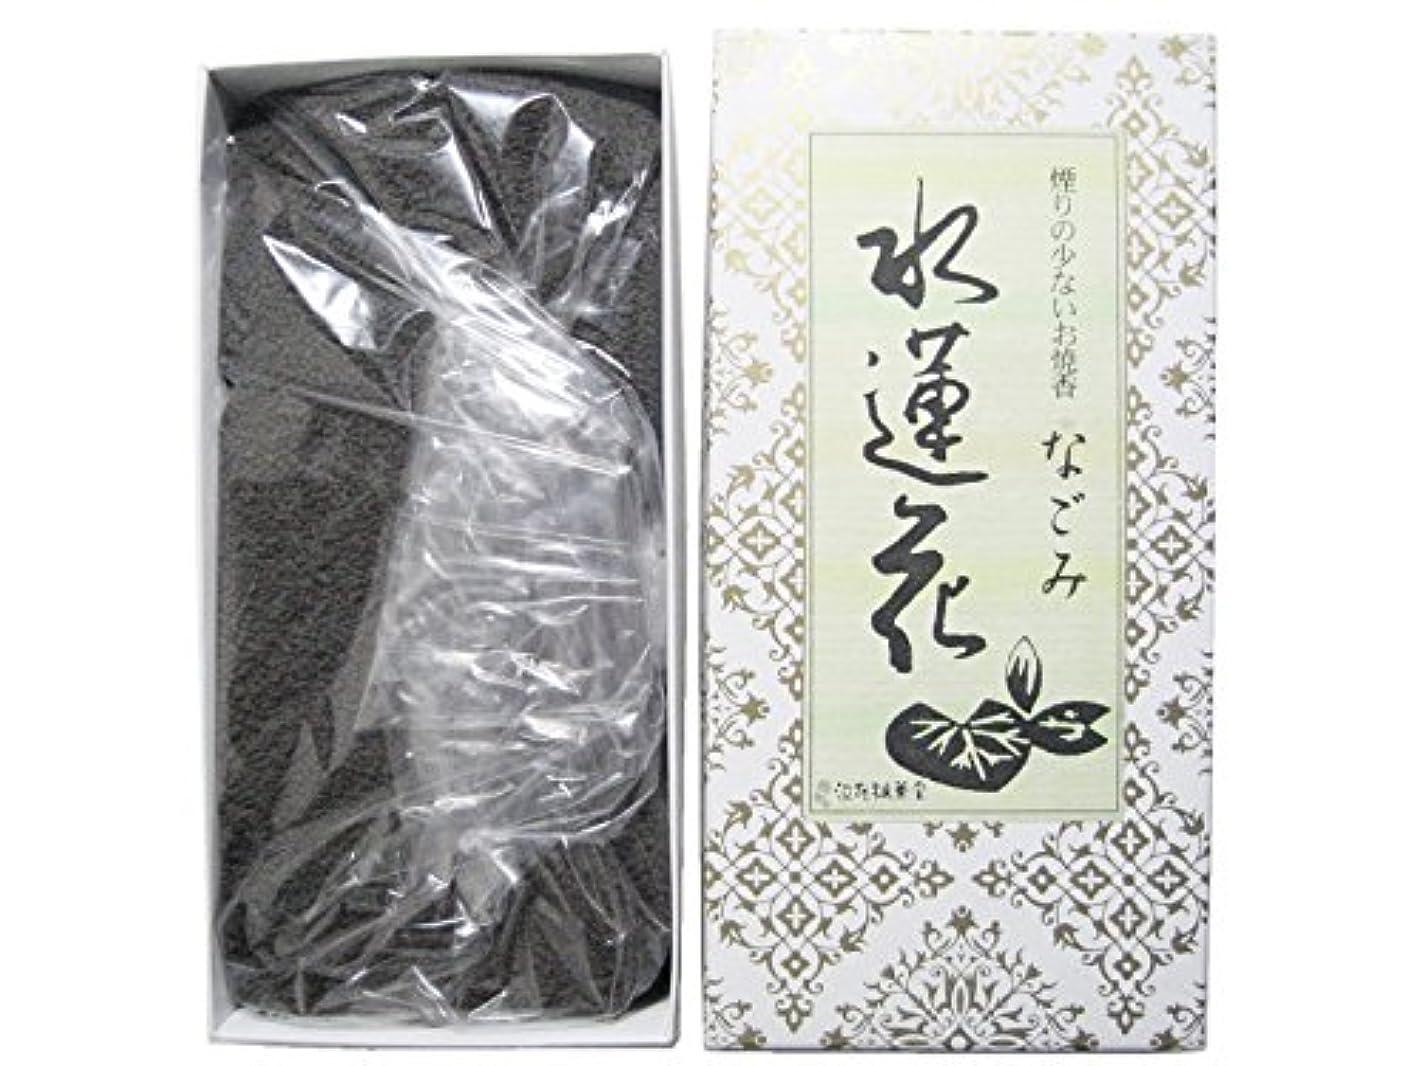 コメンテータートークンジャニス淡路梅薫堂のお香 煙の少ないお焼香 なごみ 水蓮花 500g×5箱 #931